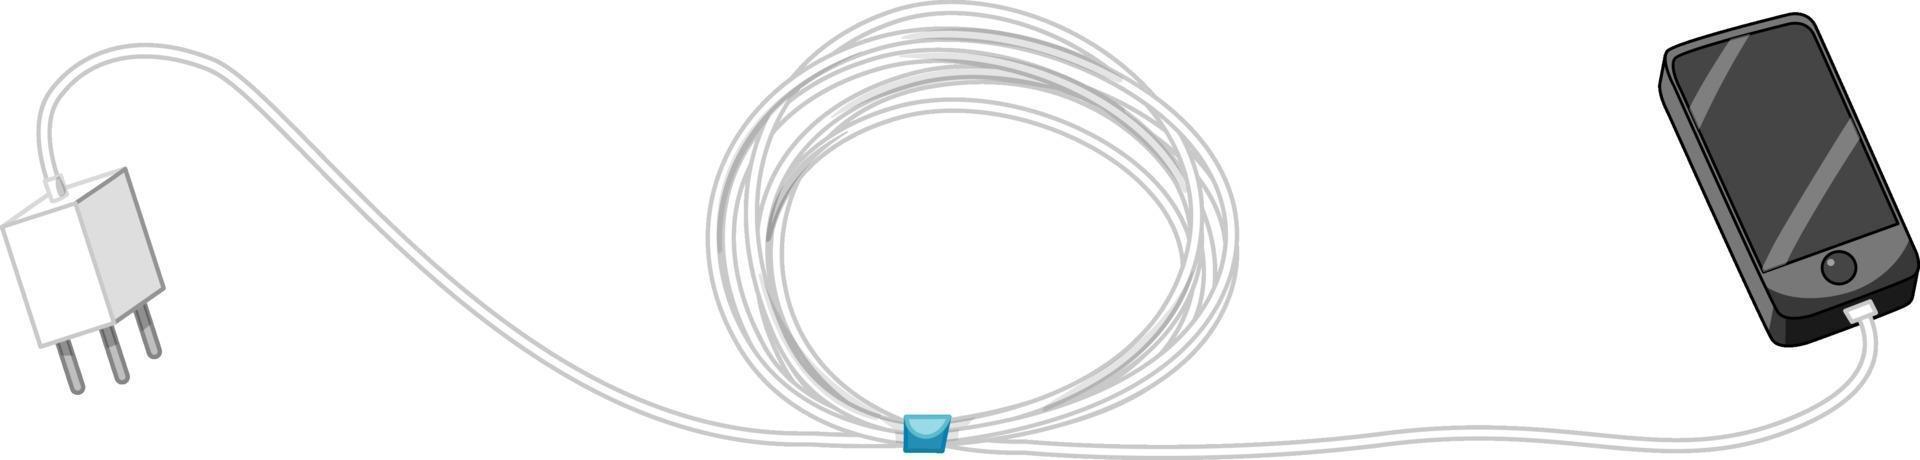 smartphone con adattatore di ricarica e cavo su sfondo bianco vettore